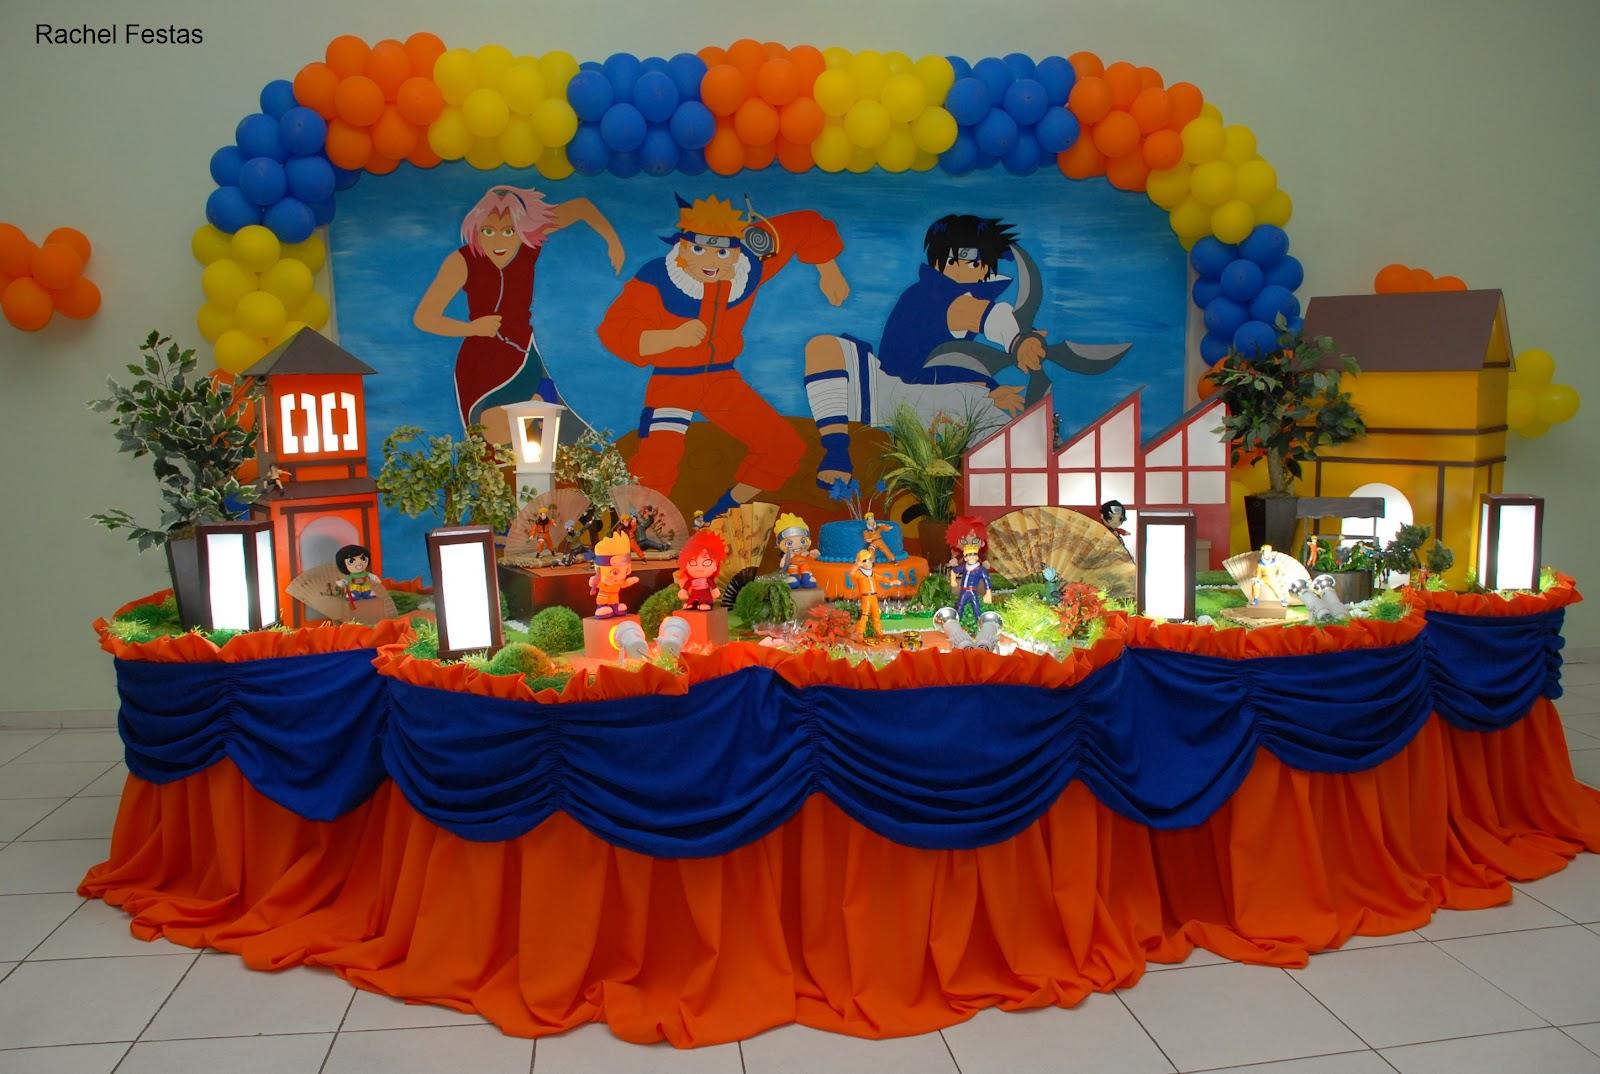 decoracao festa naruto:Rachel Festas Infantis em Campos dos Goytacazes: Festa do Naruto